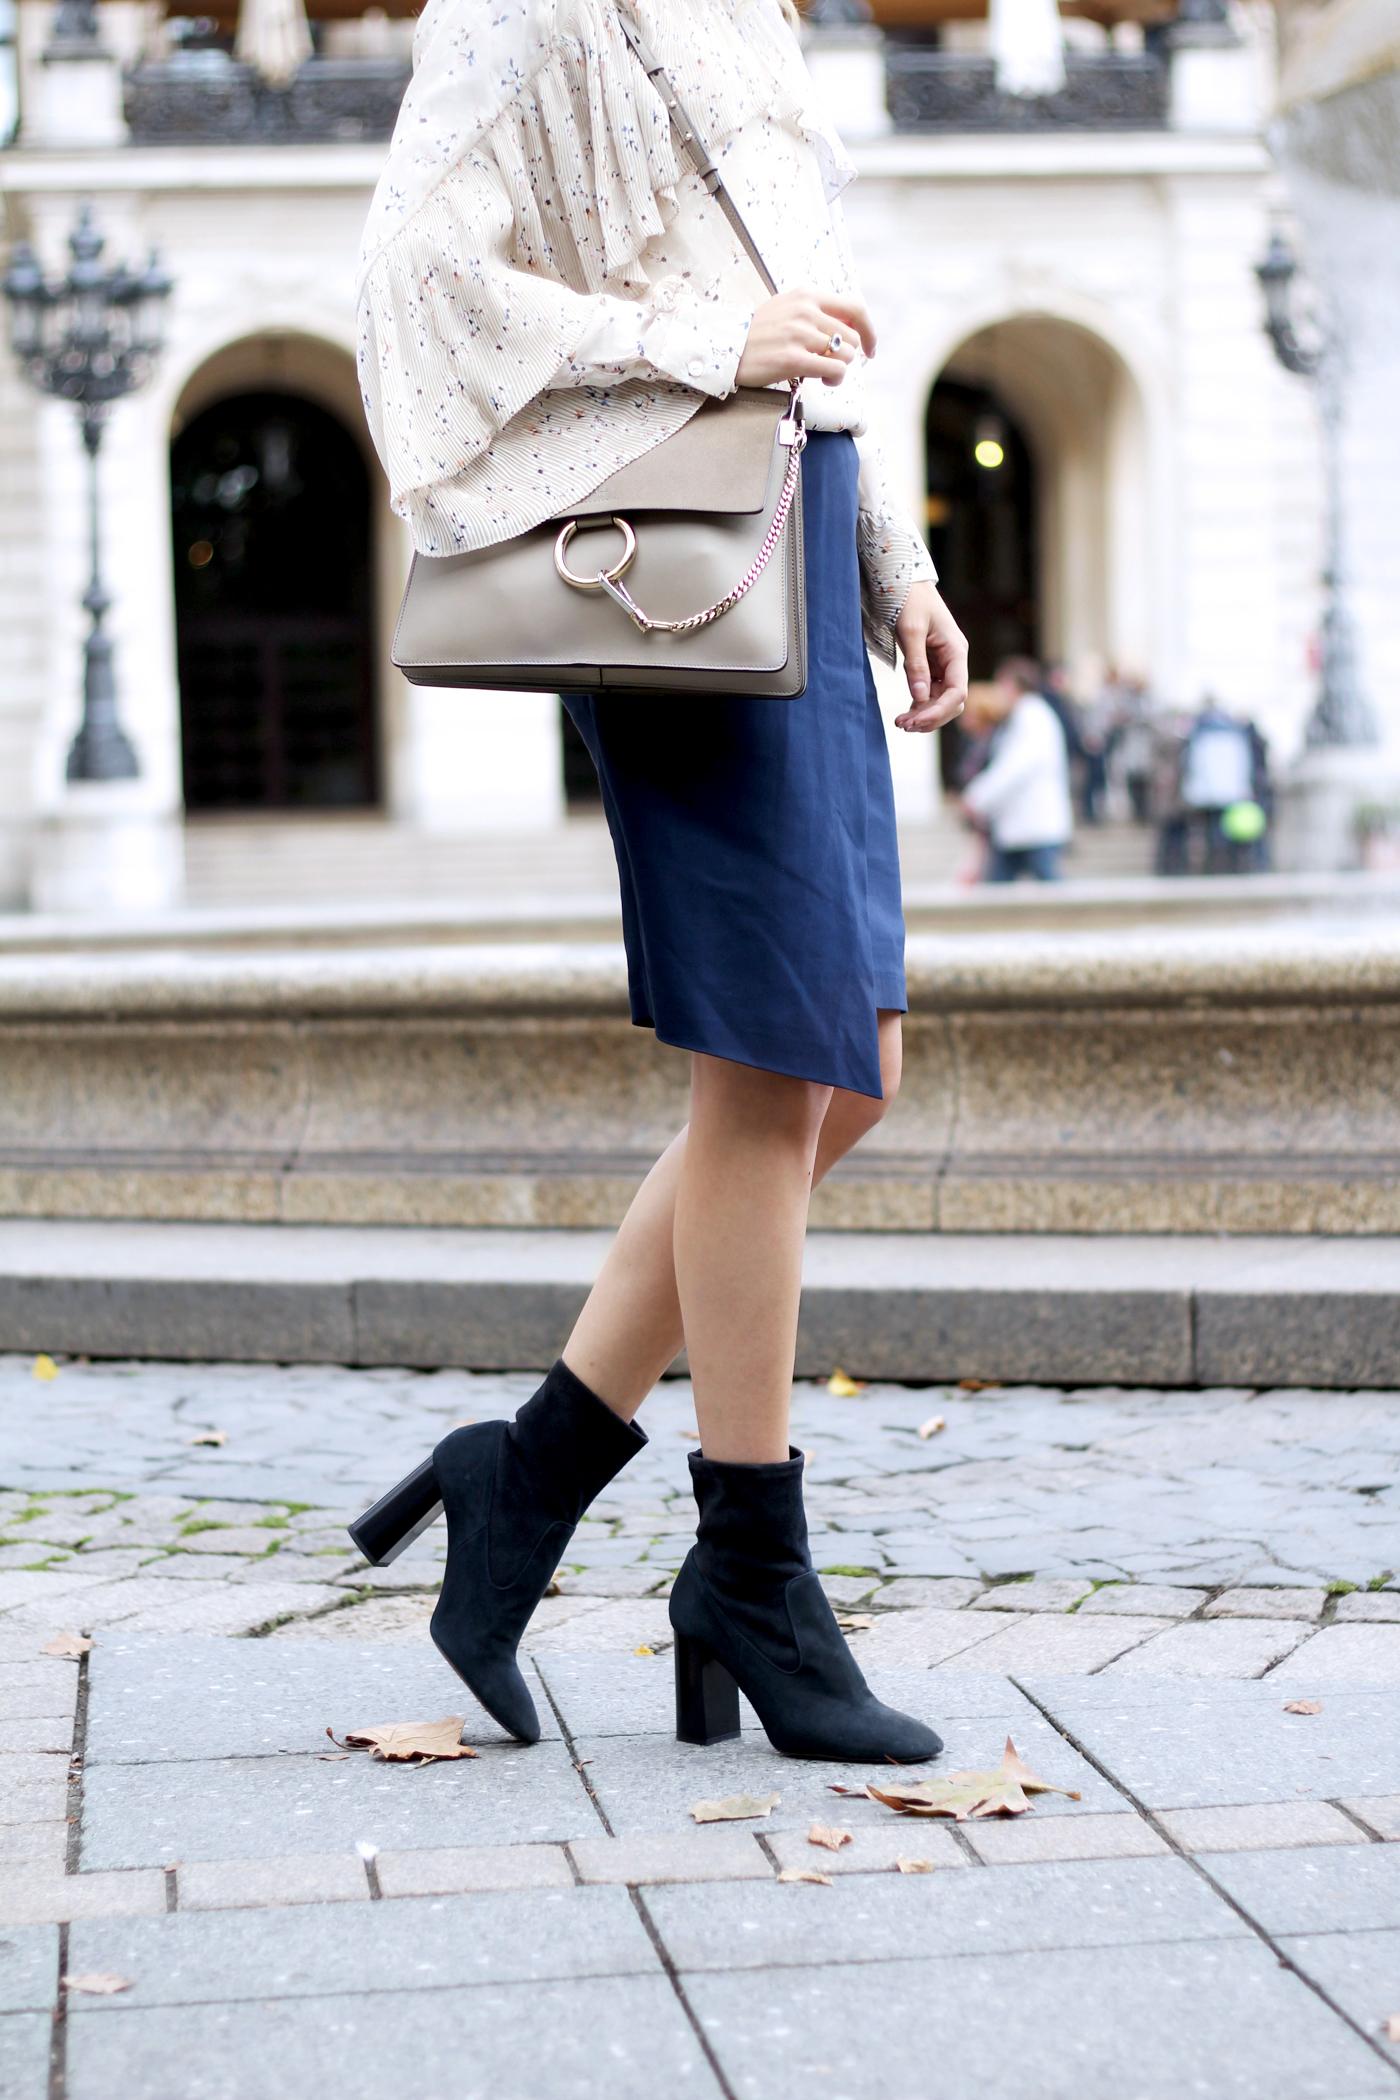 somehappyshoes_fashionblog_pencilskirt_boots_mango